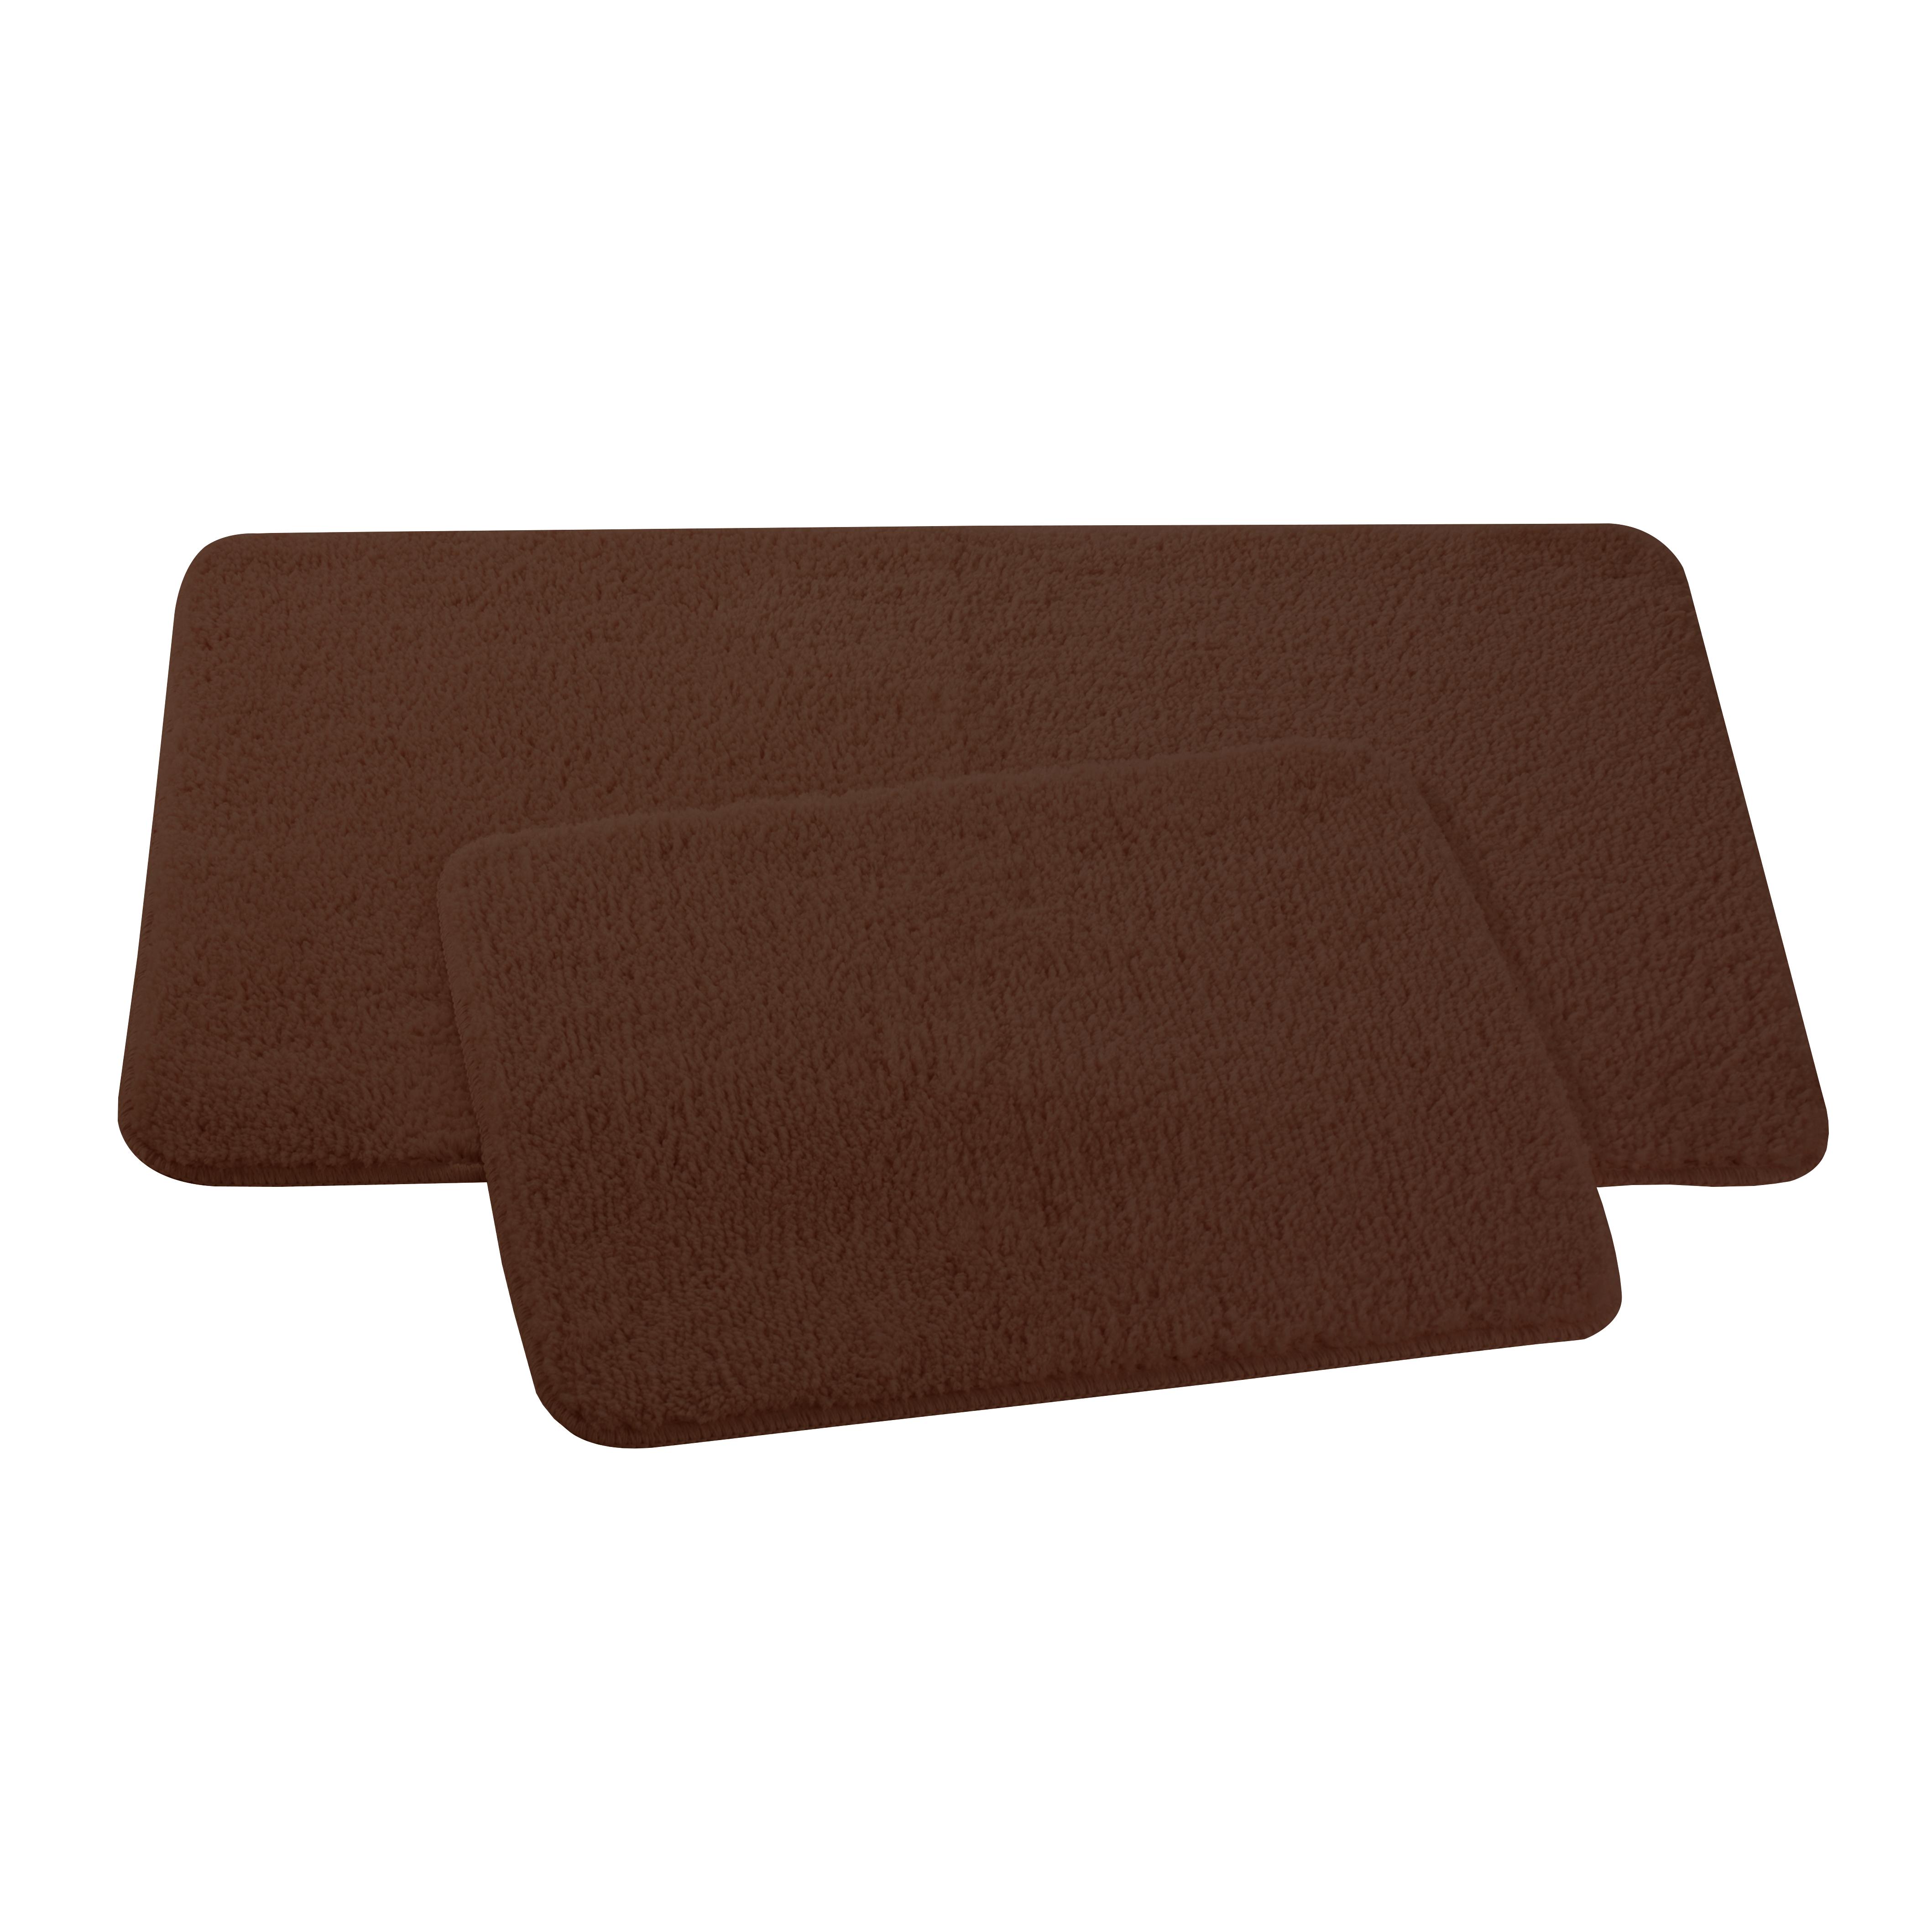 Набор ковриков для ванной и туалета Axentia, цвет: коричневый, 2 шт116135Набор Axentia, выполненный из микрофибры (100% полиэстер), состоит из двух стеганых ковриков для ванной комнаты и туалета. Противоскользящее основание изготовлено из термопластичной резины и подходит для полов с подогревом. Коврики мягкие и приятные на ощупь, отлично впитывают влагу и быстро сохнут. Высокая износостойкость ковриков и стойкость цвета позволит вам наслаждаться покупкой долгие годы. Можно стирать в стиральной машине. Размер ковриков: 50 х 80 см; 50 х 40 см.Высота ворса 1,5 см.